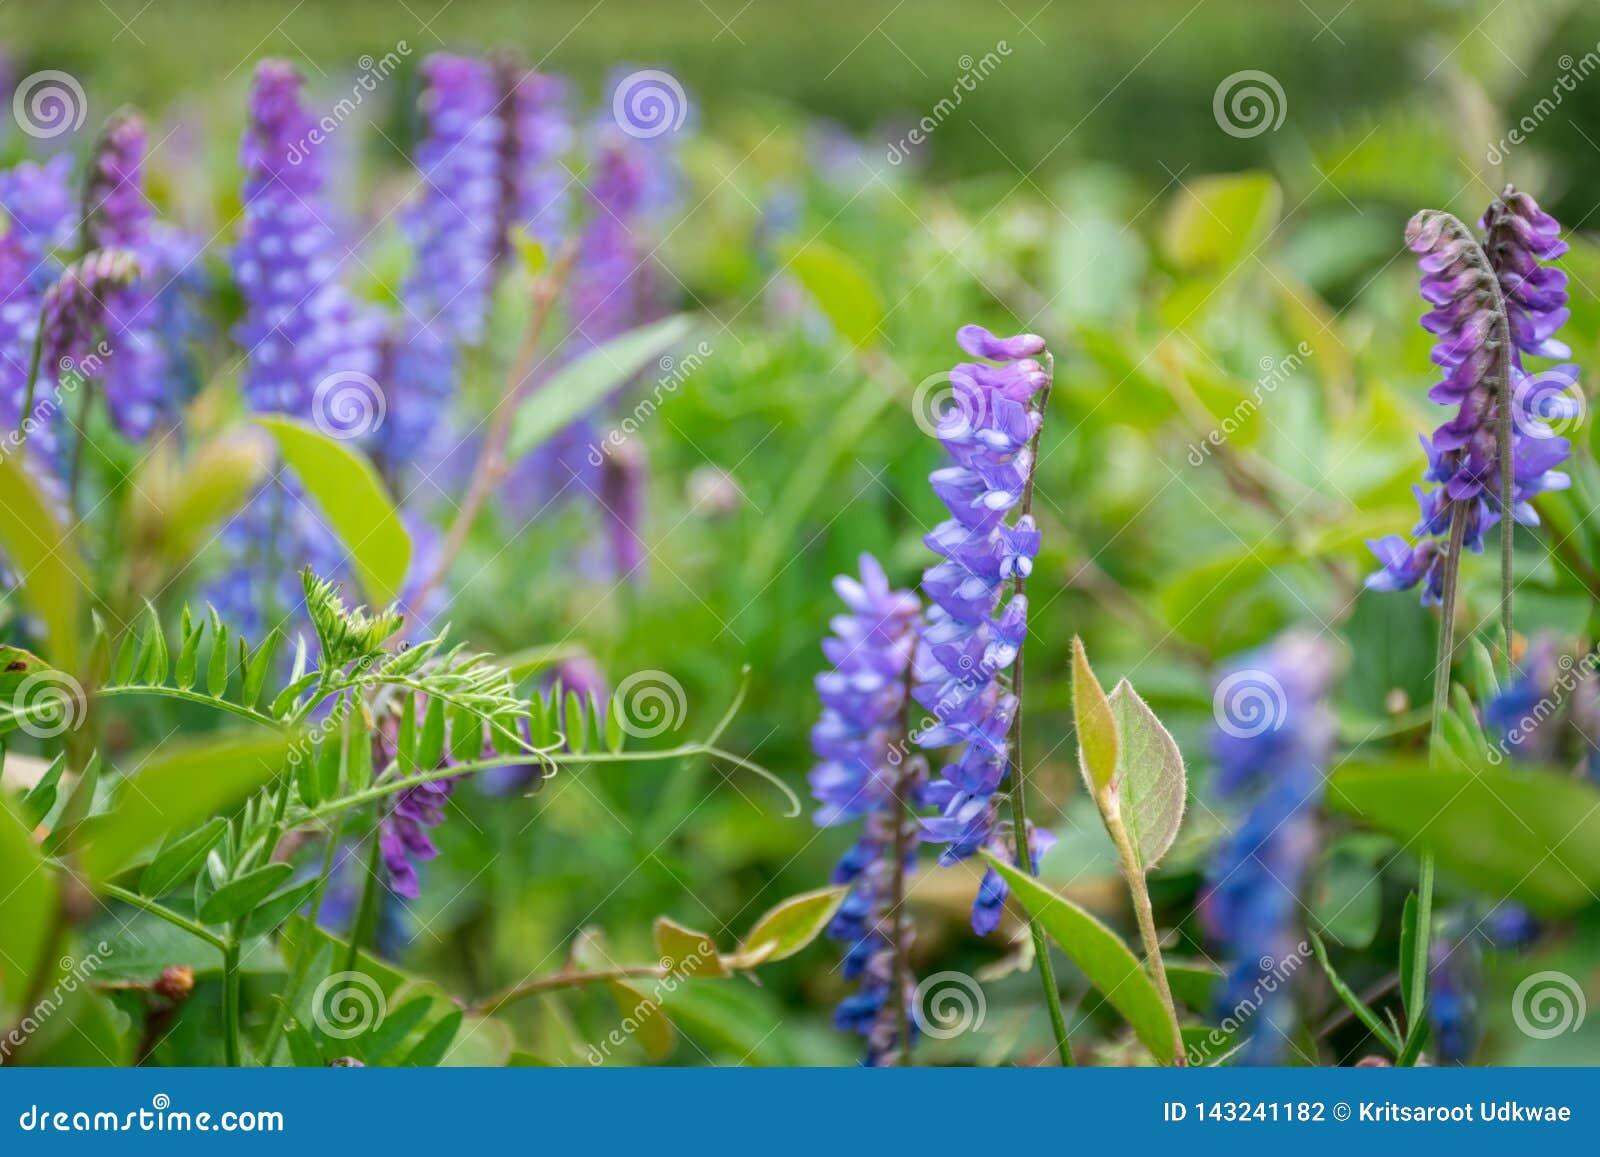 Abschluss herauf blau-violette Blumen im Garten